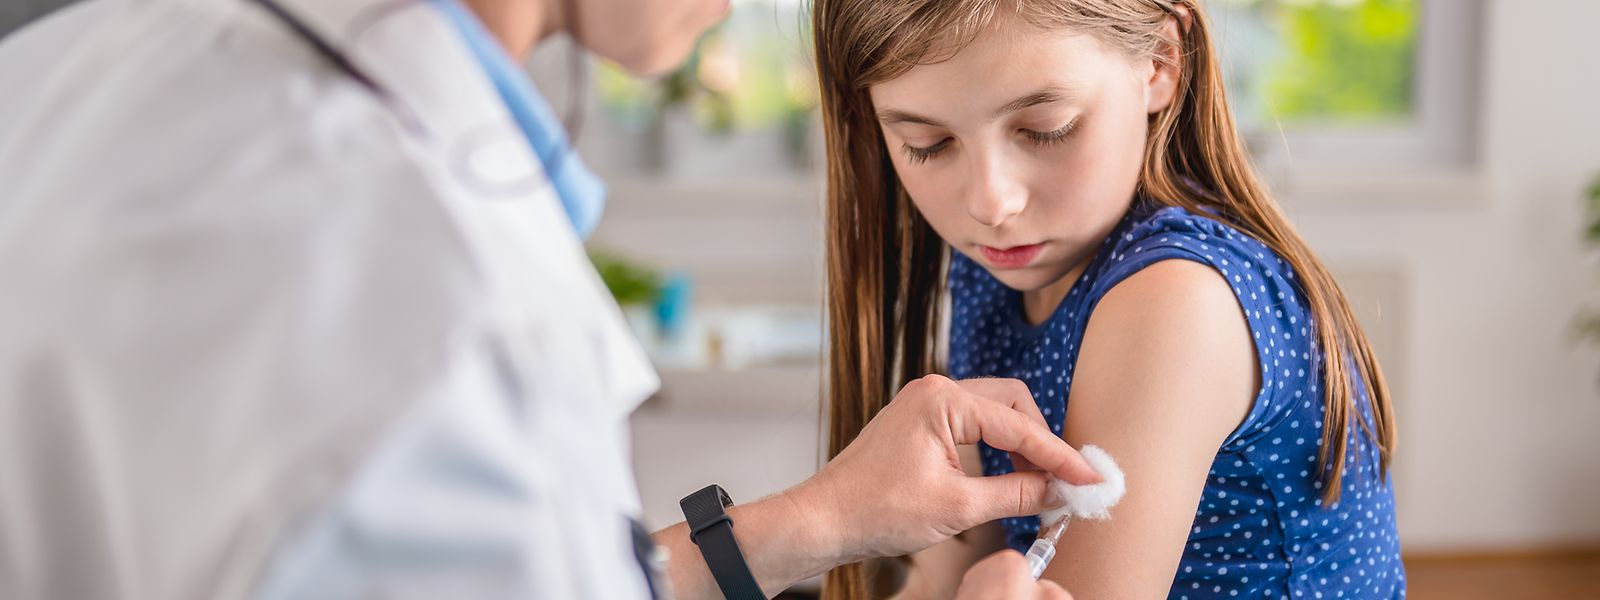 Gegen eine Maserninfektion schützt eine Impfung.